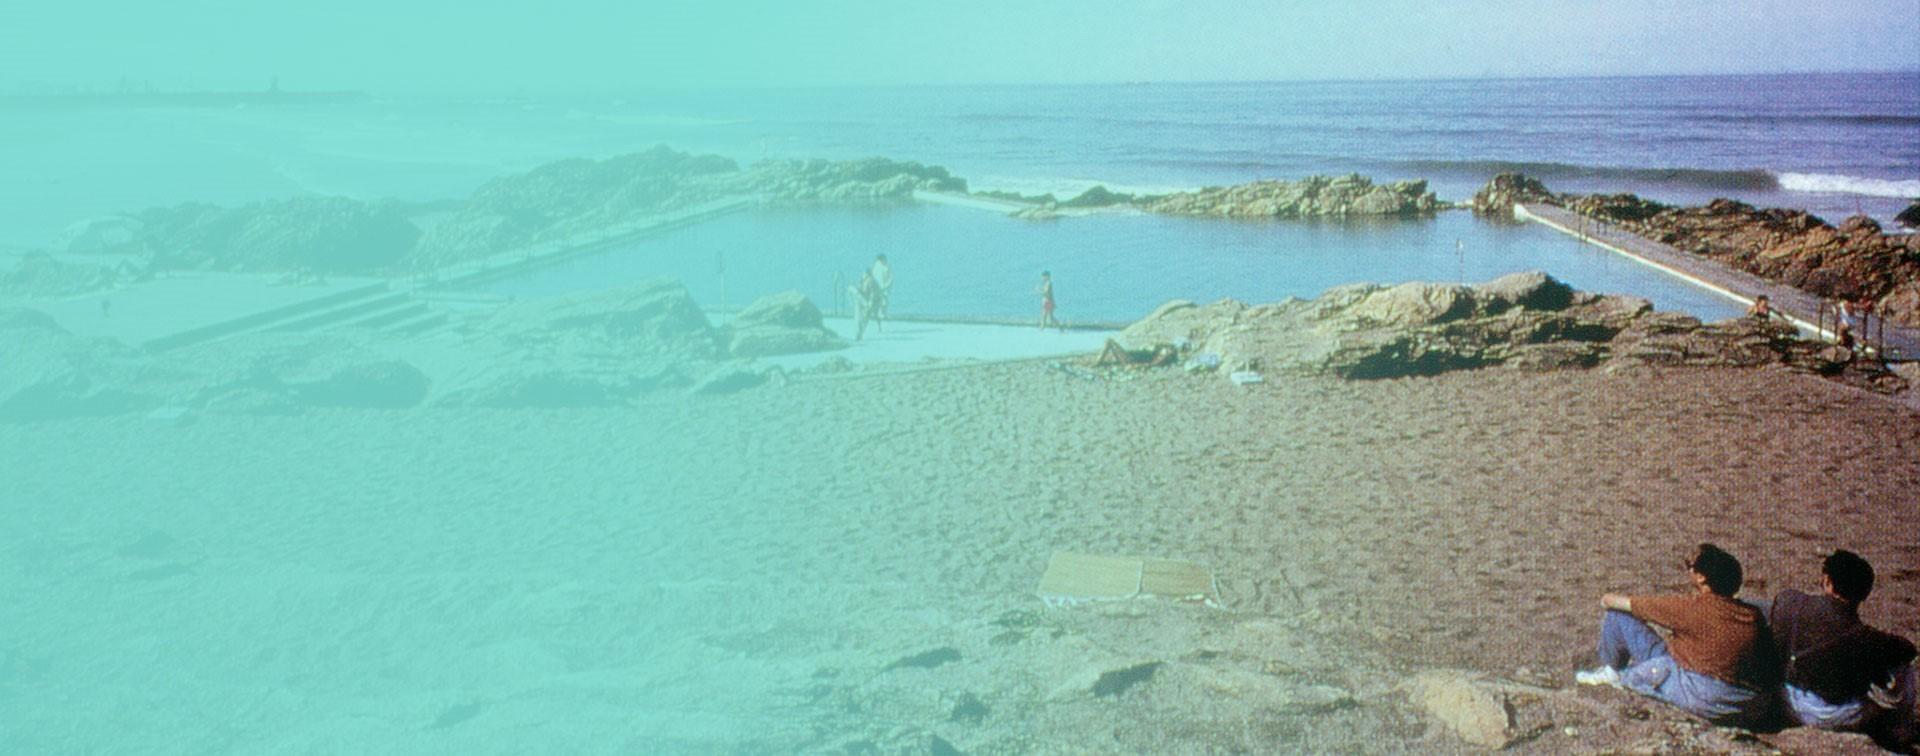 PISCINA NA PRAIA DE LEÇA - A POOL ON THE BEACH